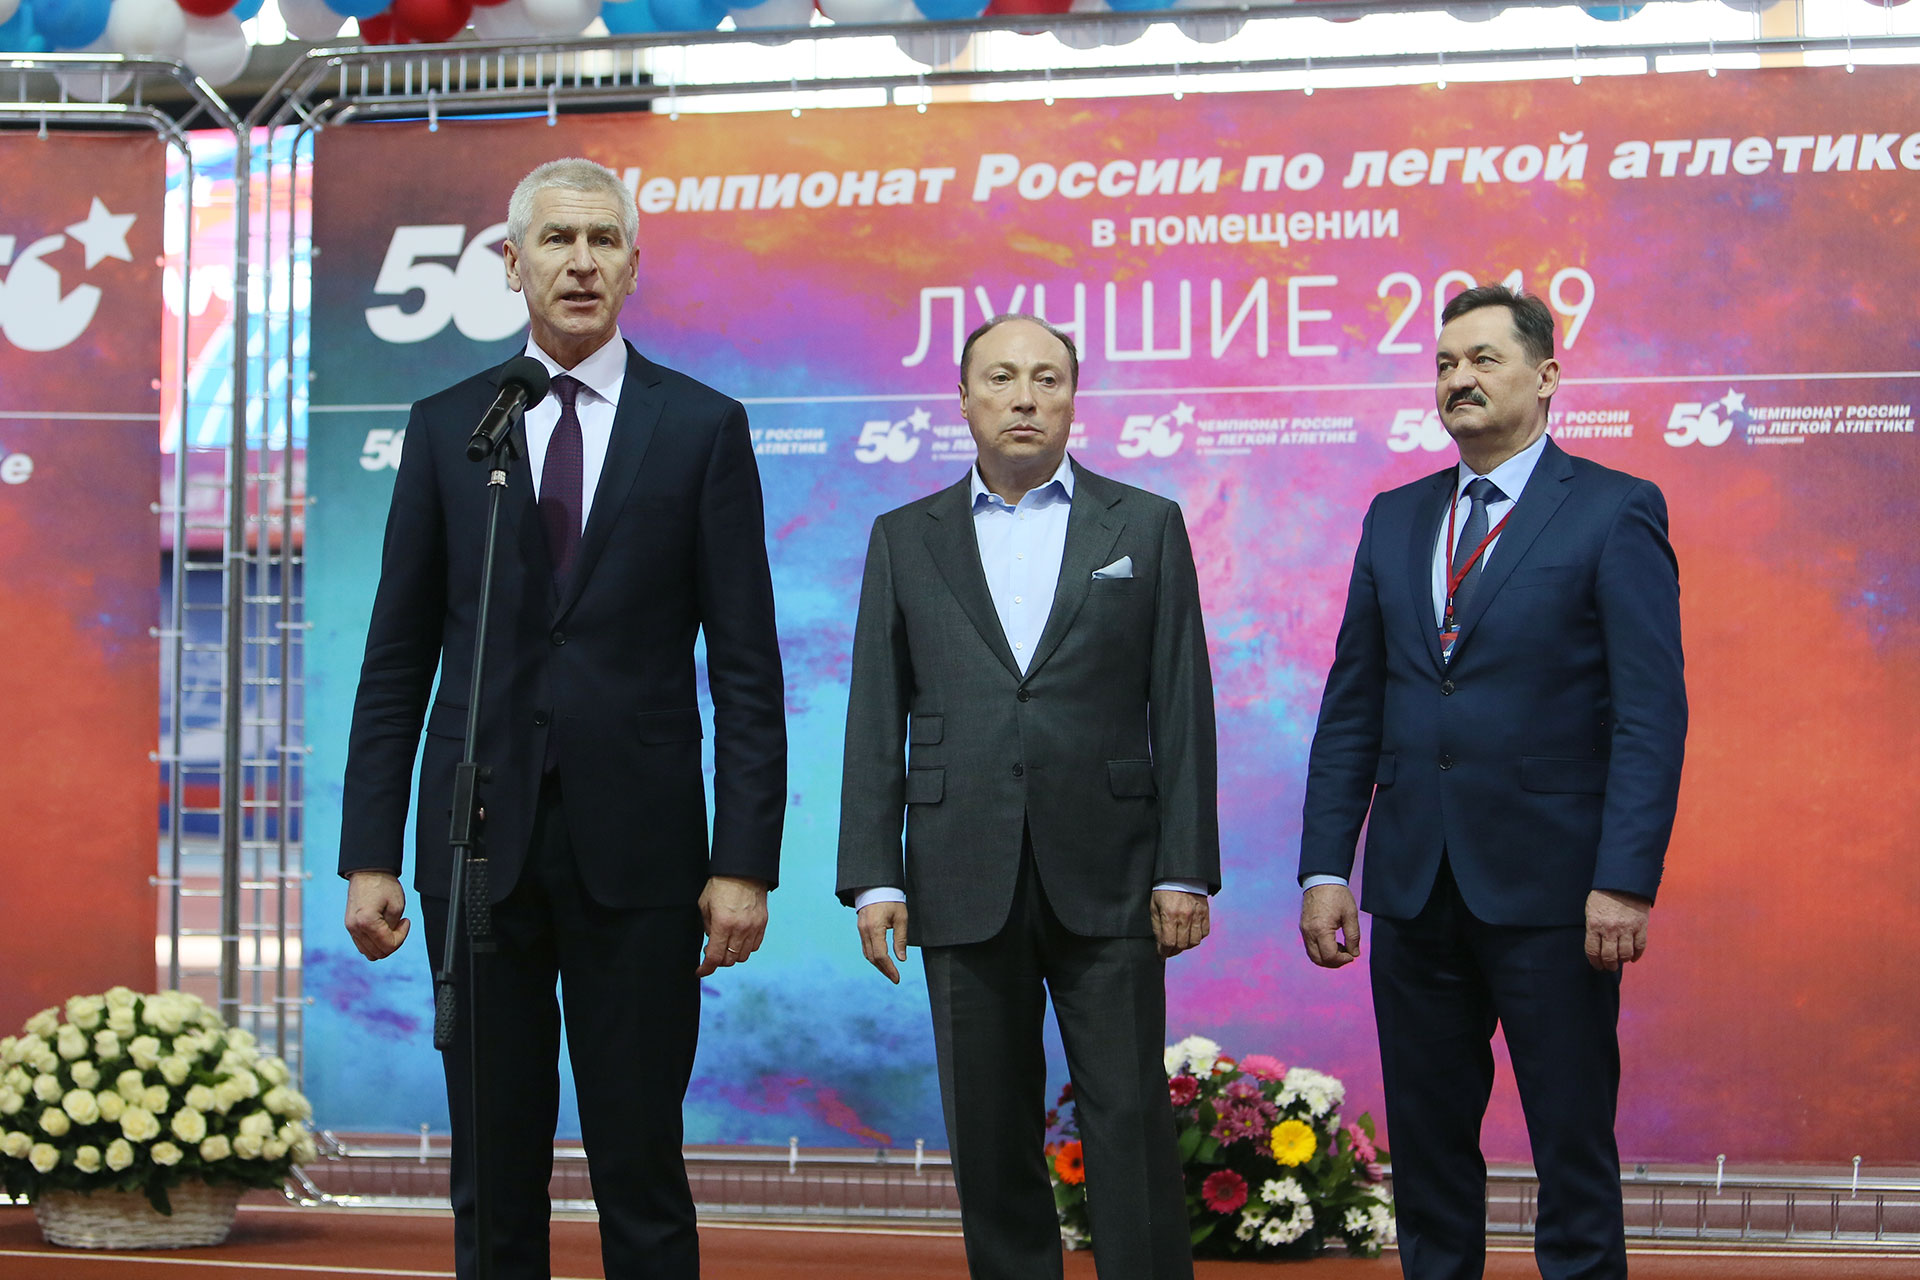 50-й чемпионат России: награждение «Лучшие 2019»